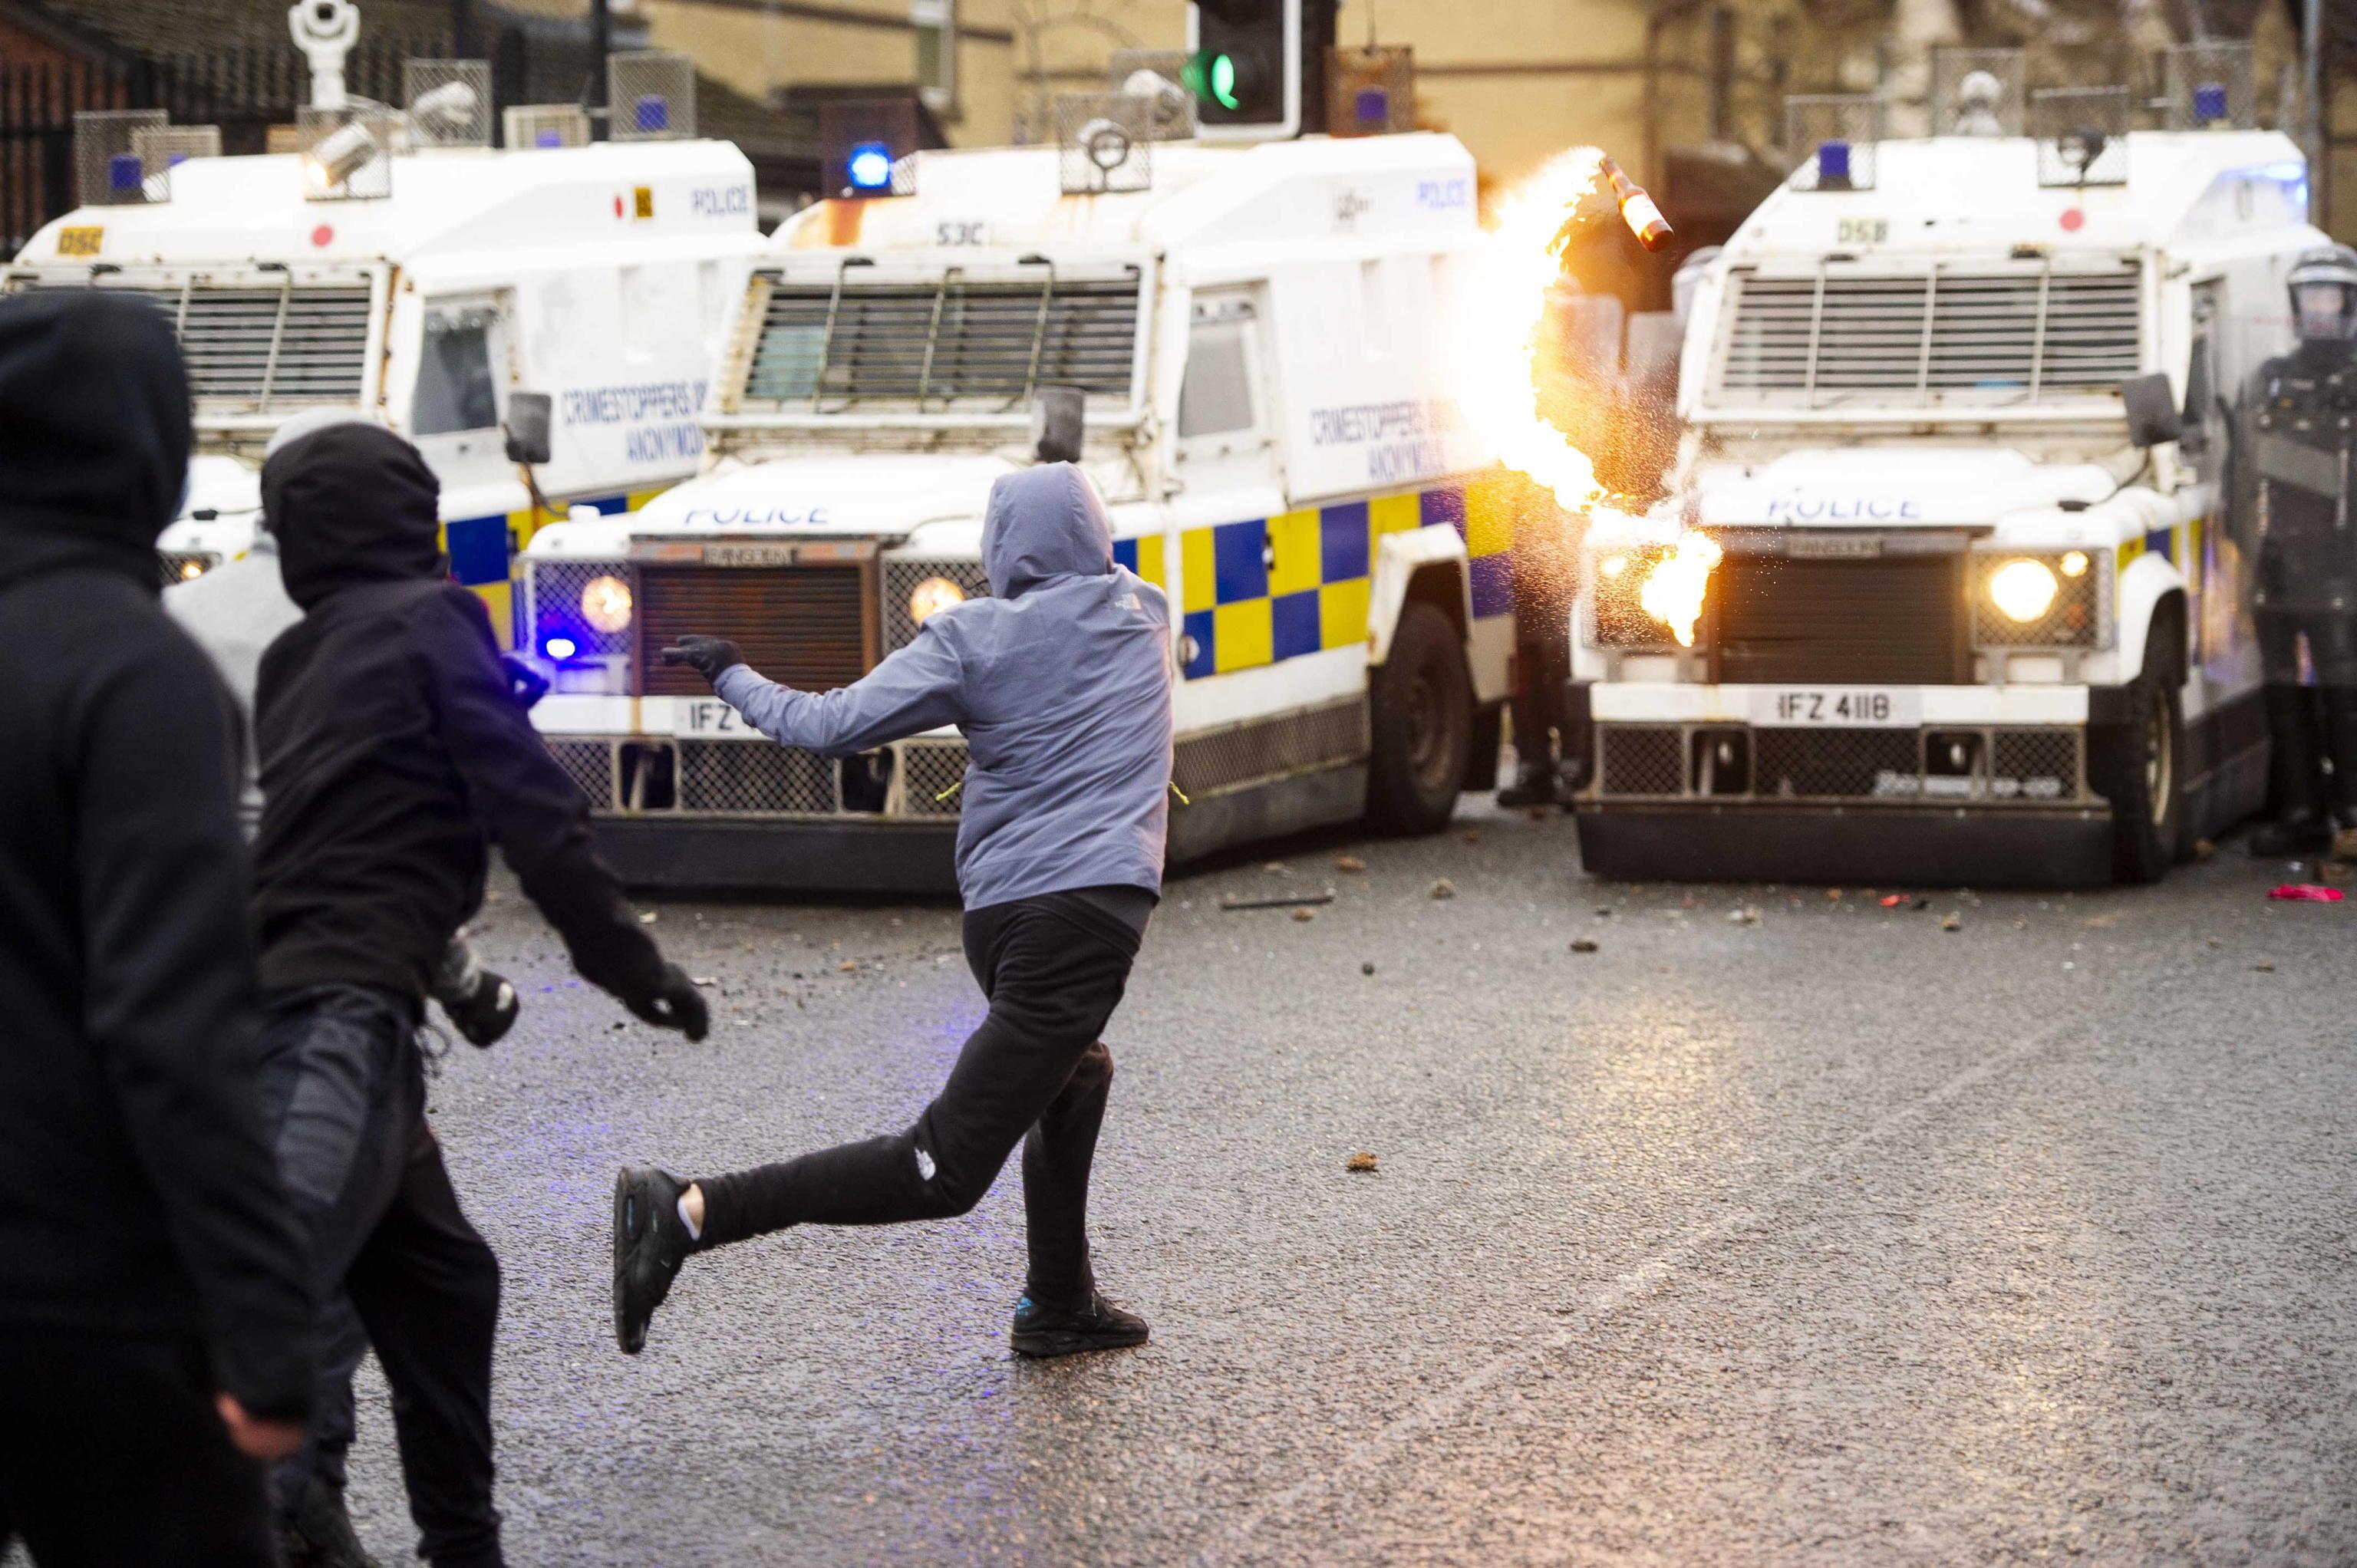 Gang in tuta, criminalità paramilitare e Brexit: la tempesta perfetta dietro gli scontri in Irlanda del Nord